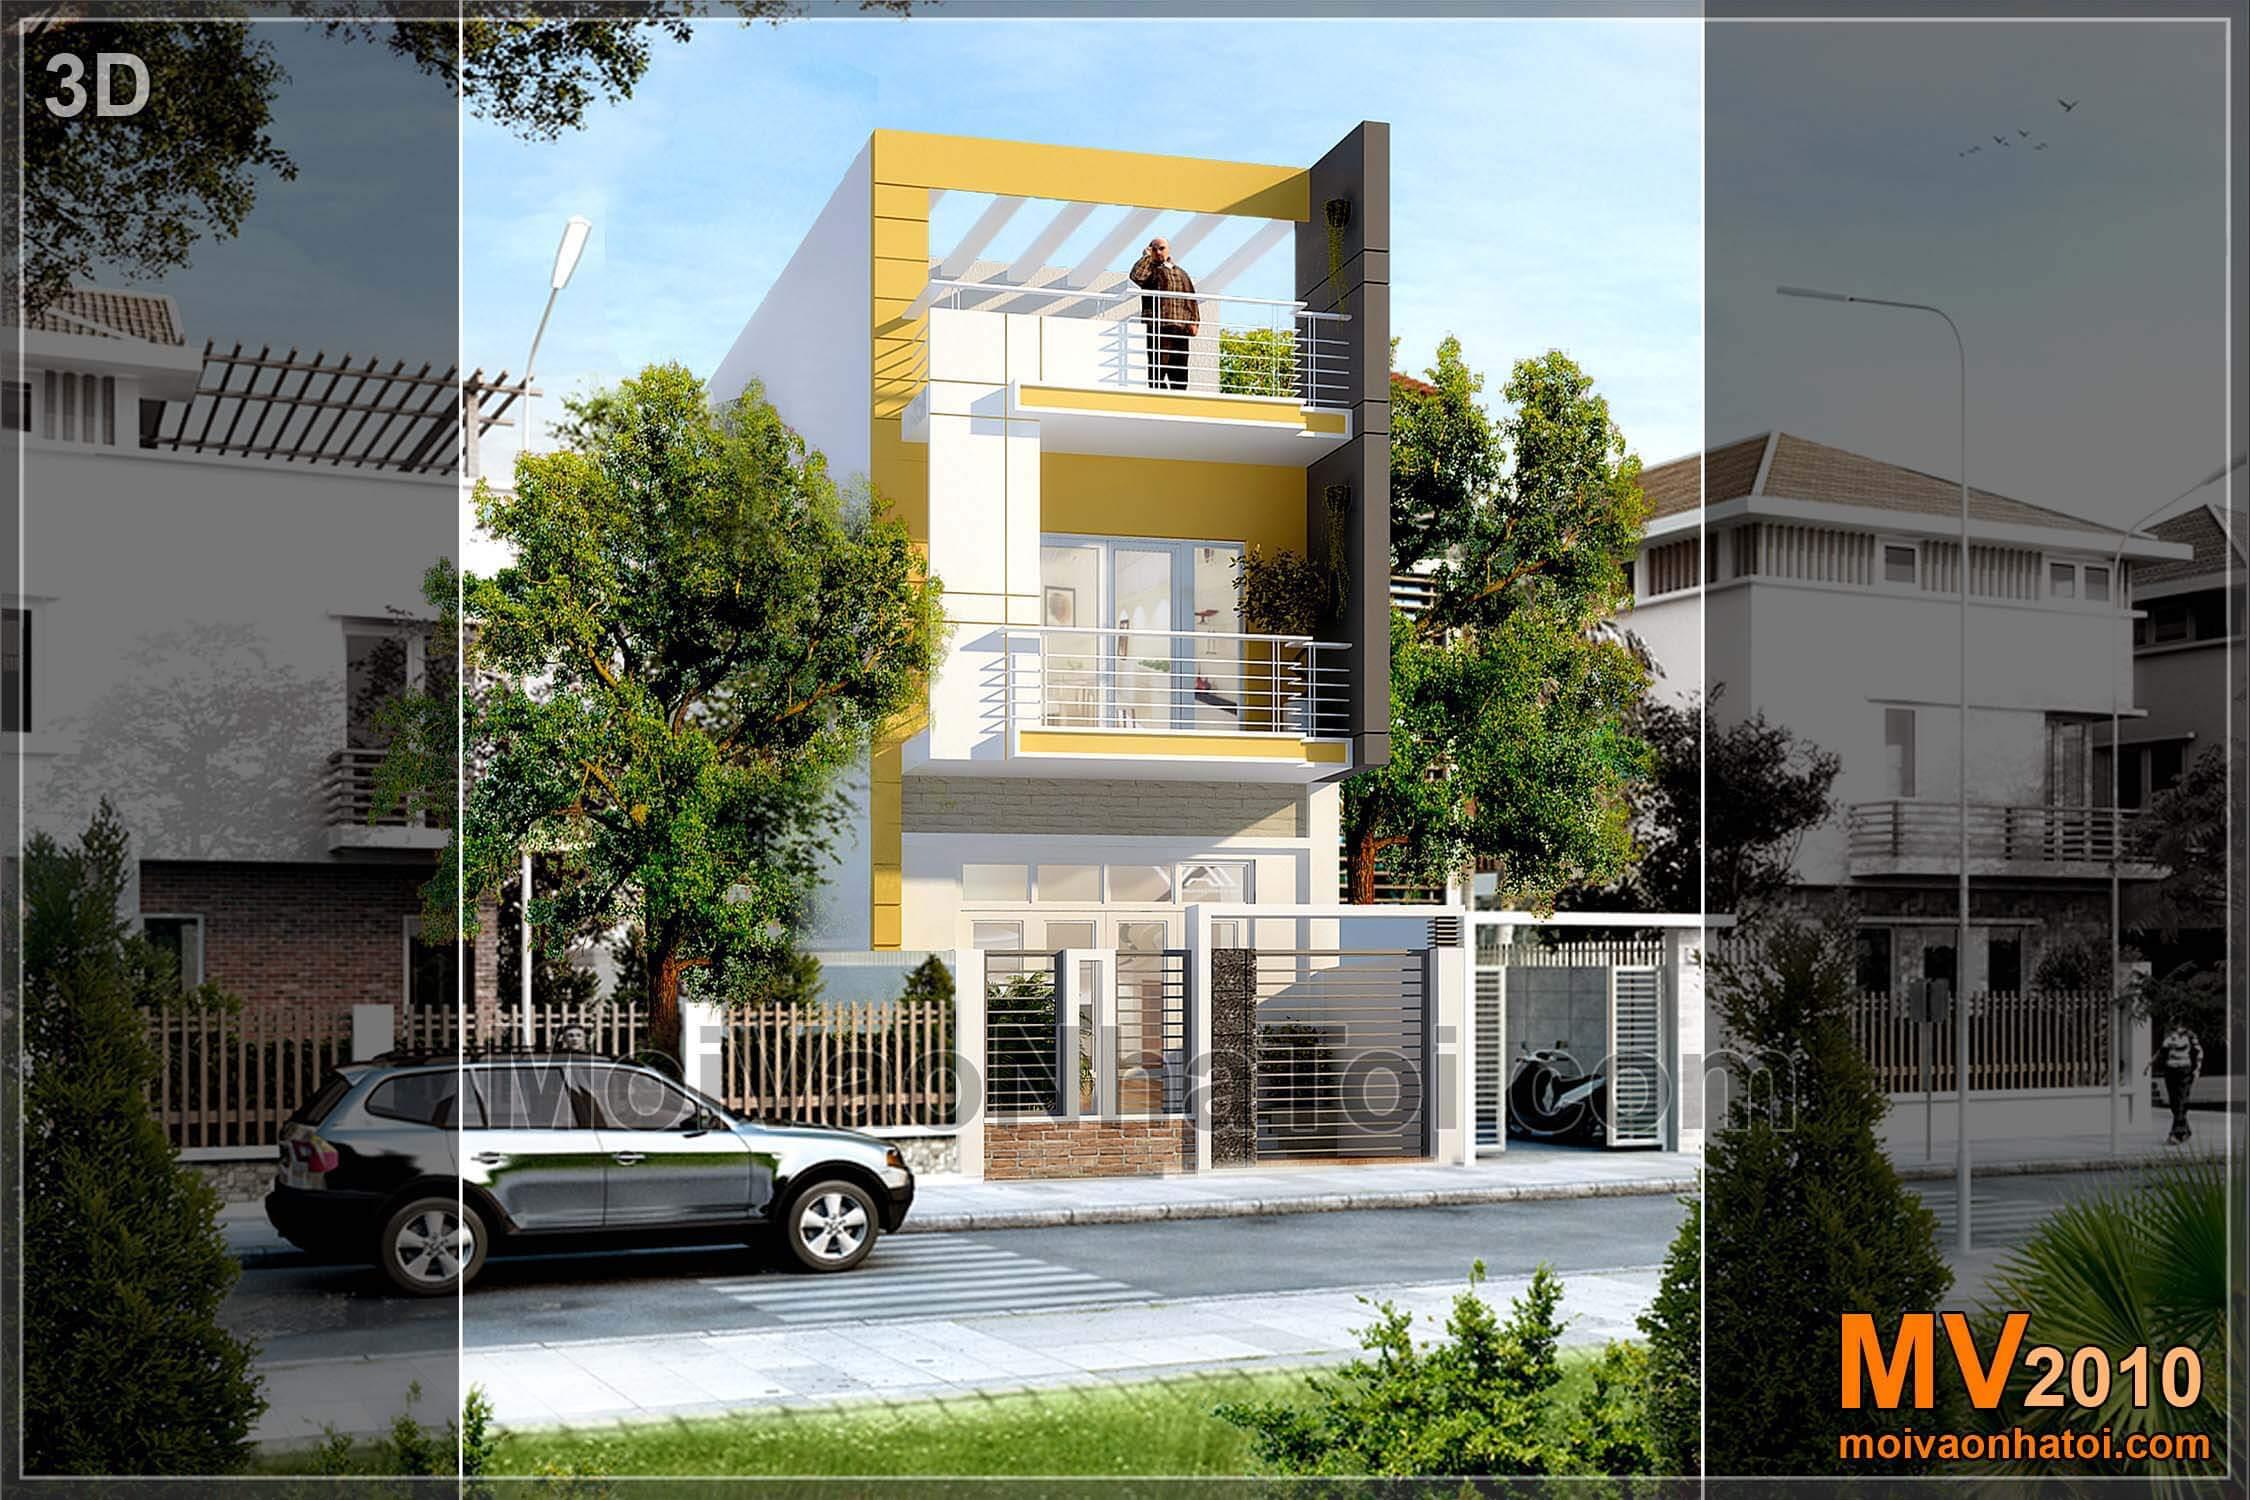 Thiết kế nhà phố 3 tầng x 70m2 mặt tiền đẹp